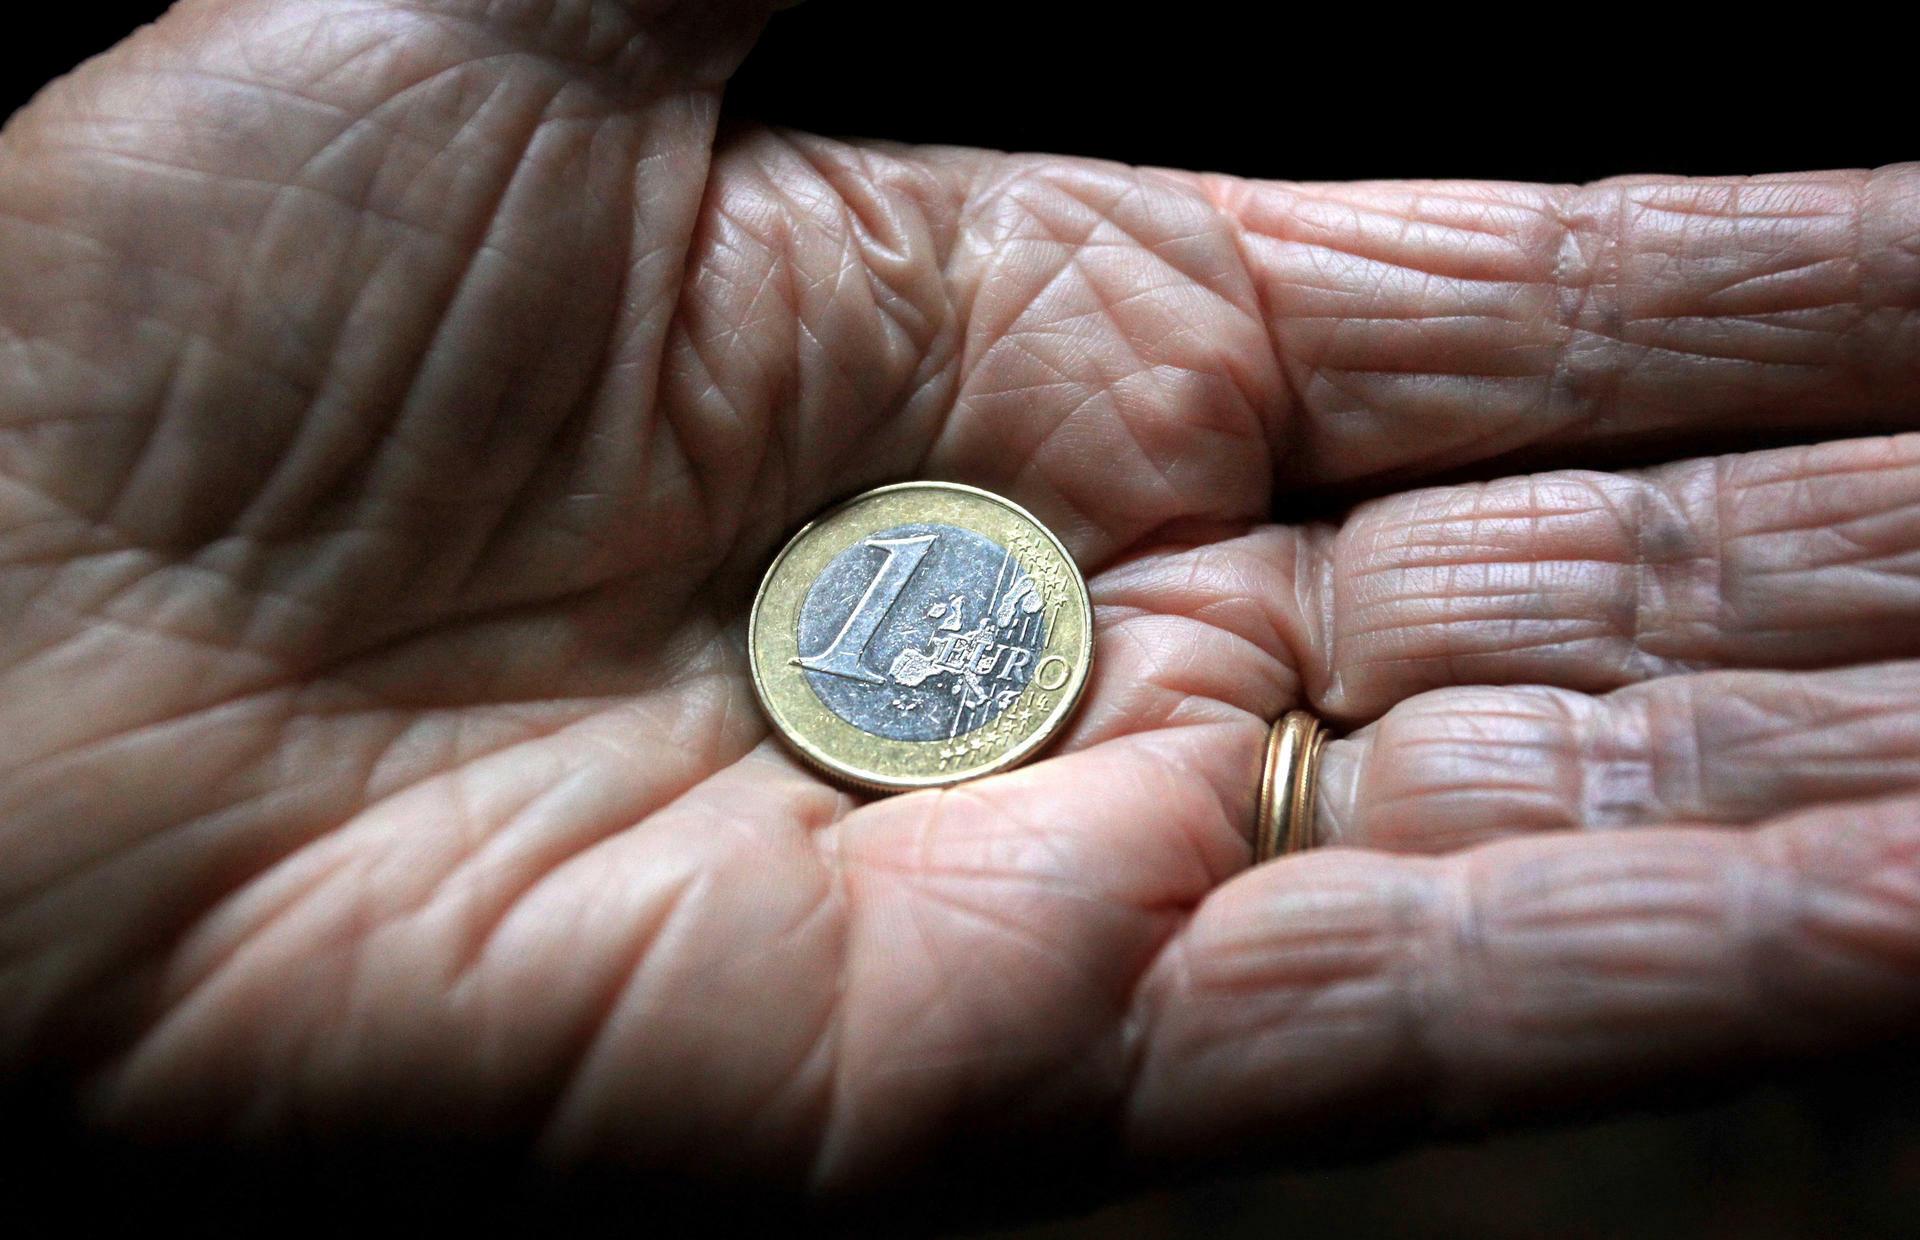 Umfrage In Deutschland Viele Rentner Leben über Ihre Verhältnisse